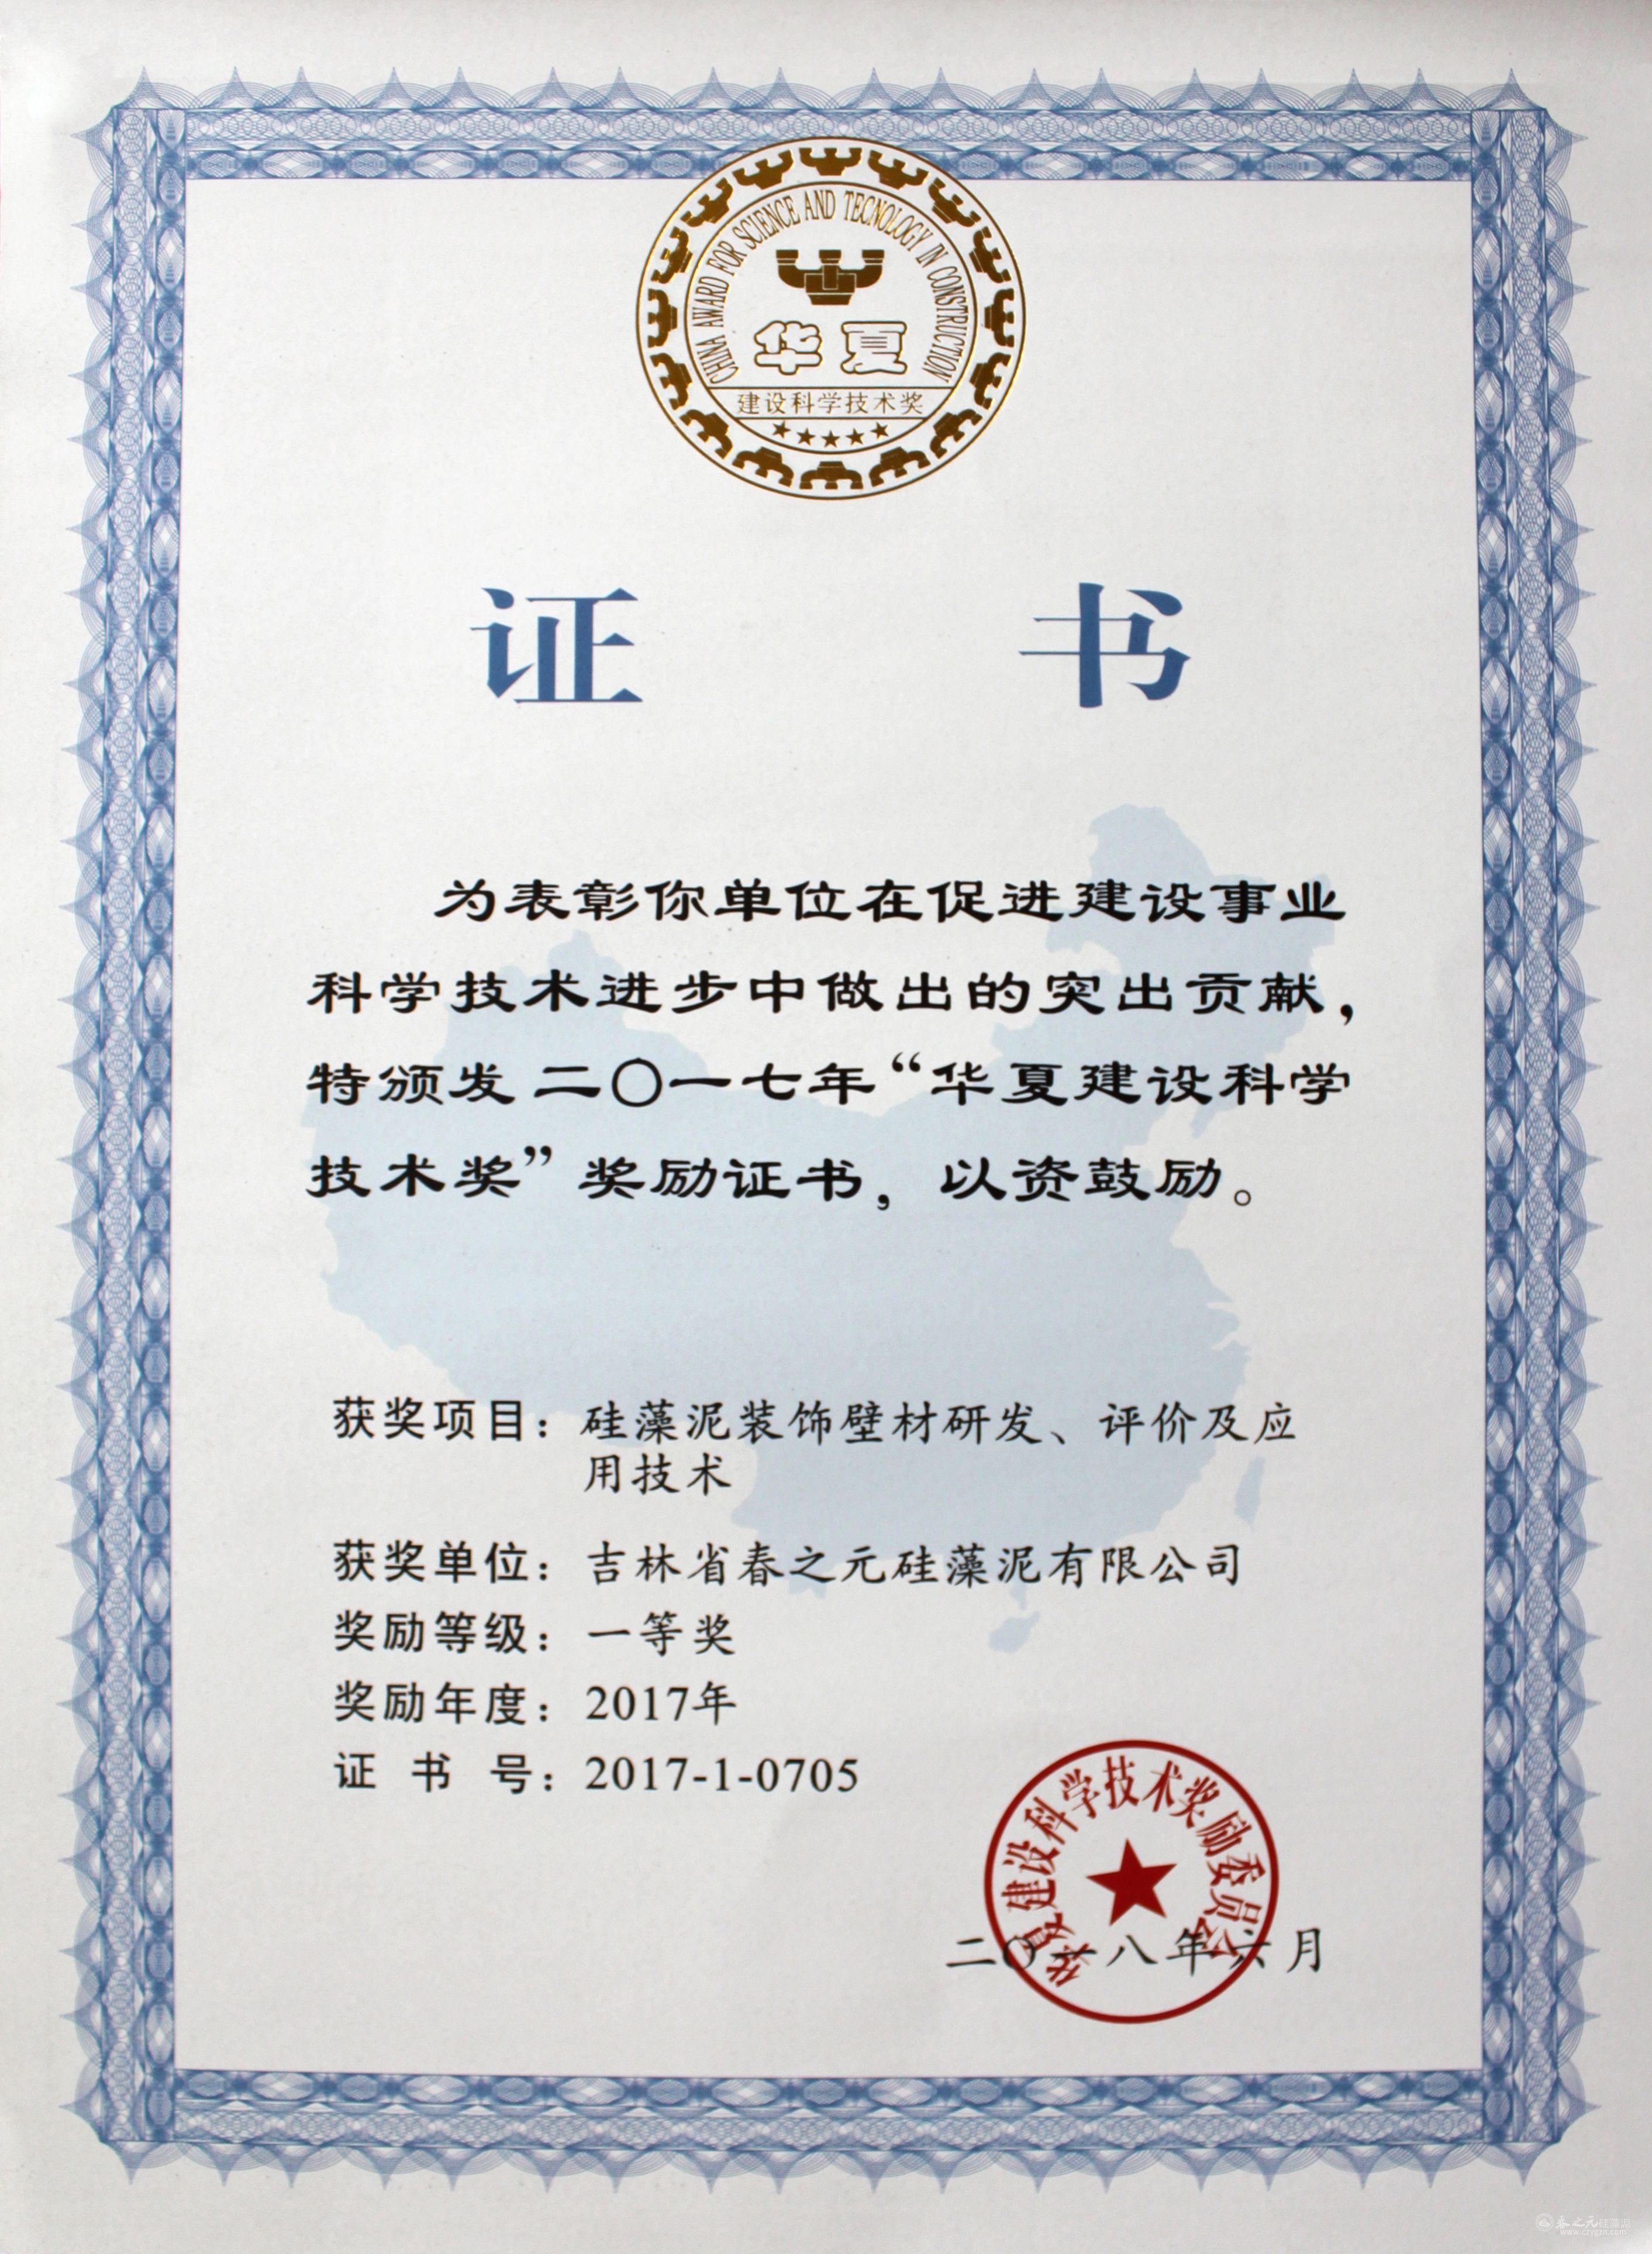 华夏建设科学技术奖